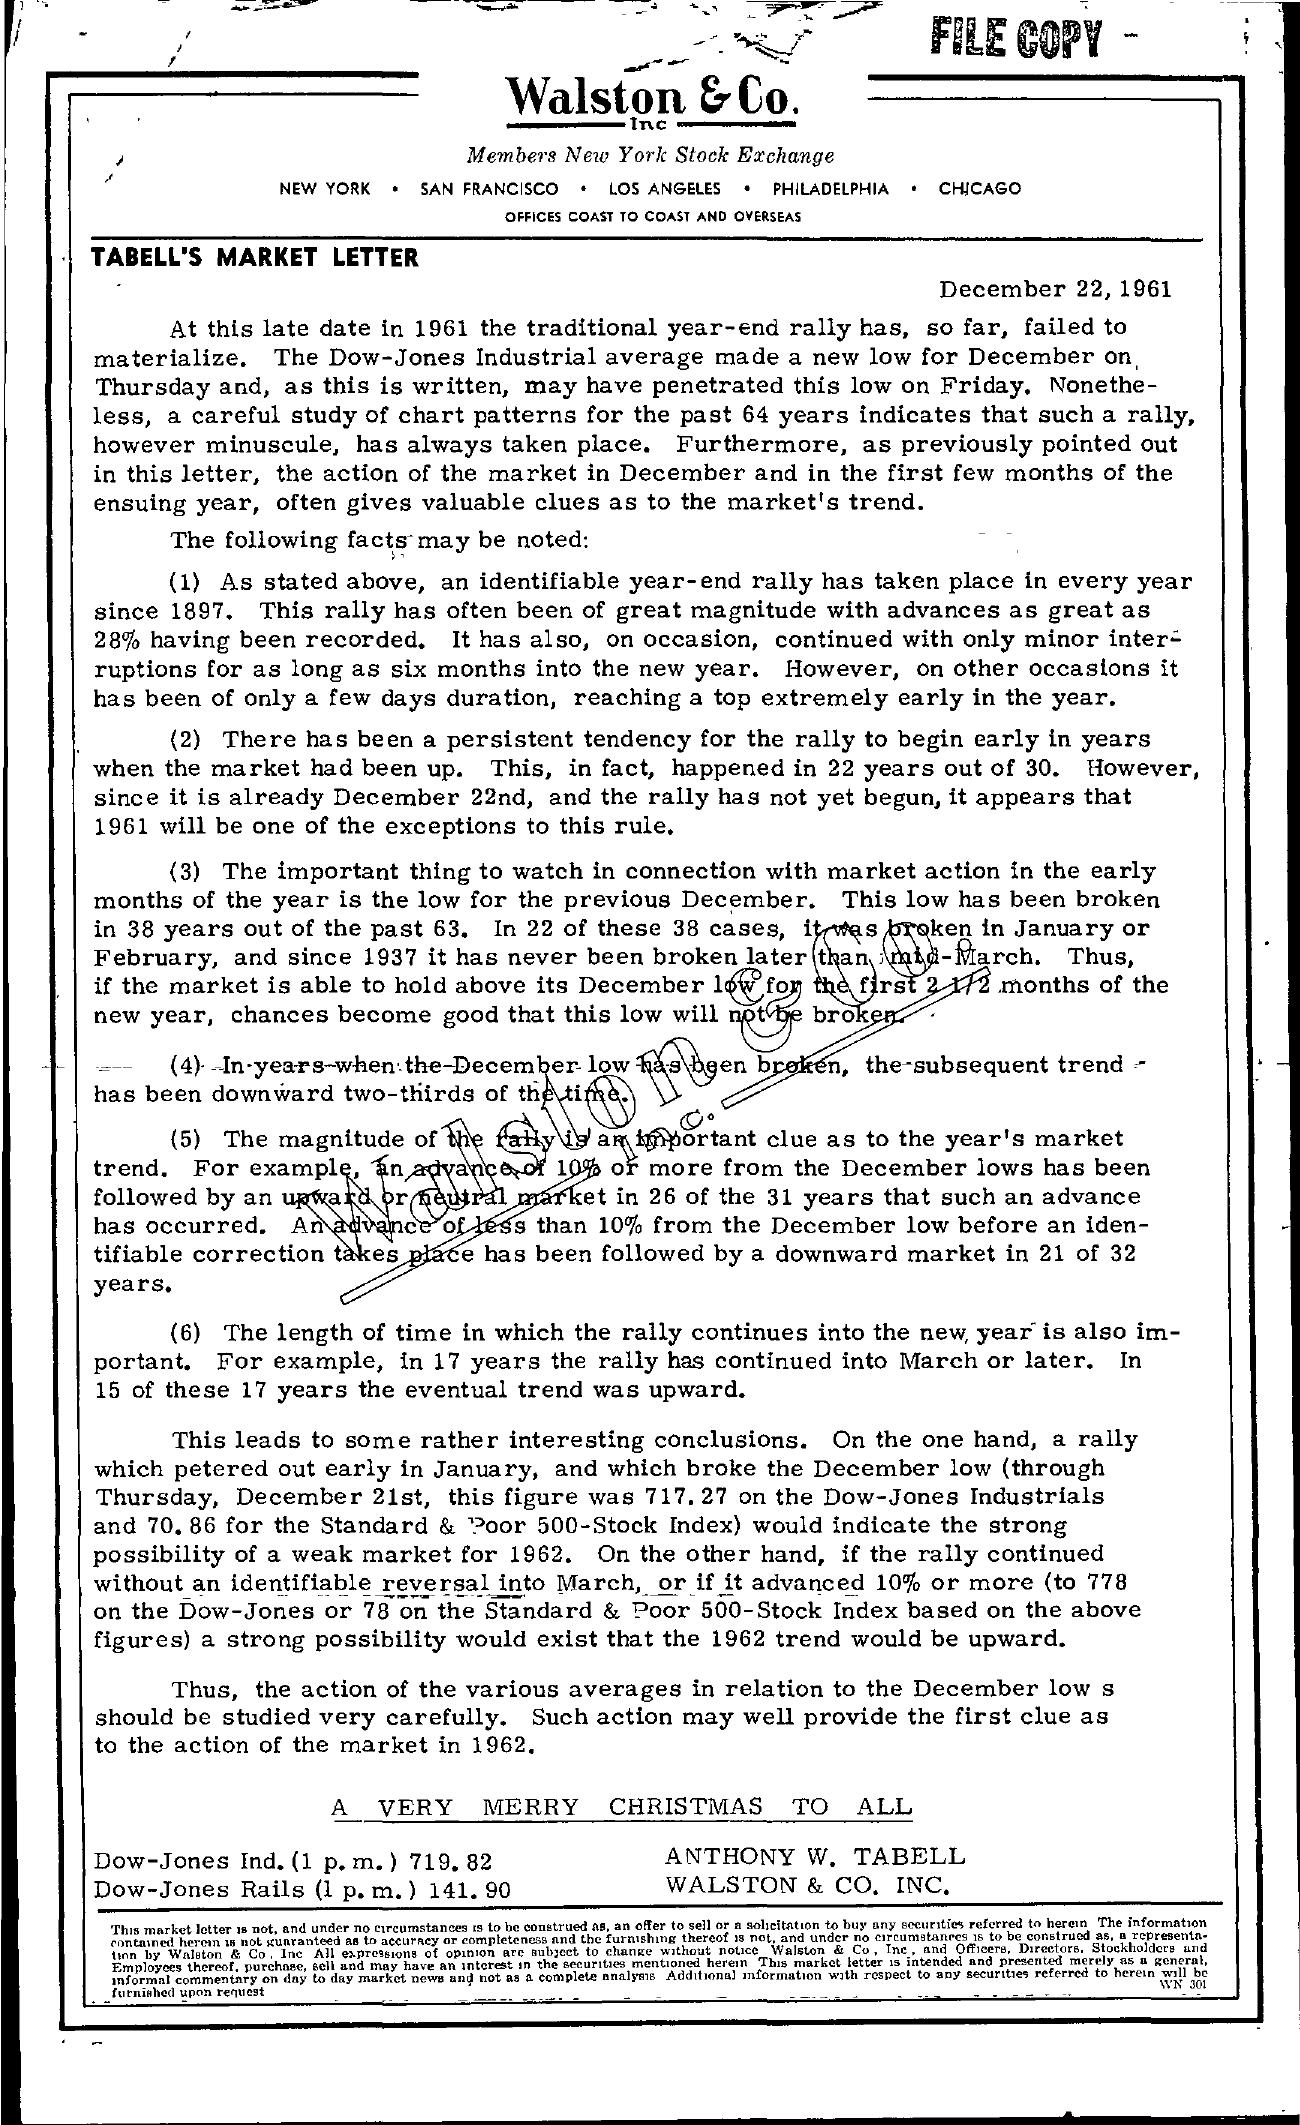 Tabell's Market Letter - December 22, 1961